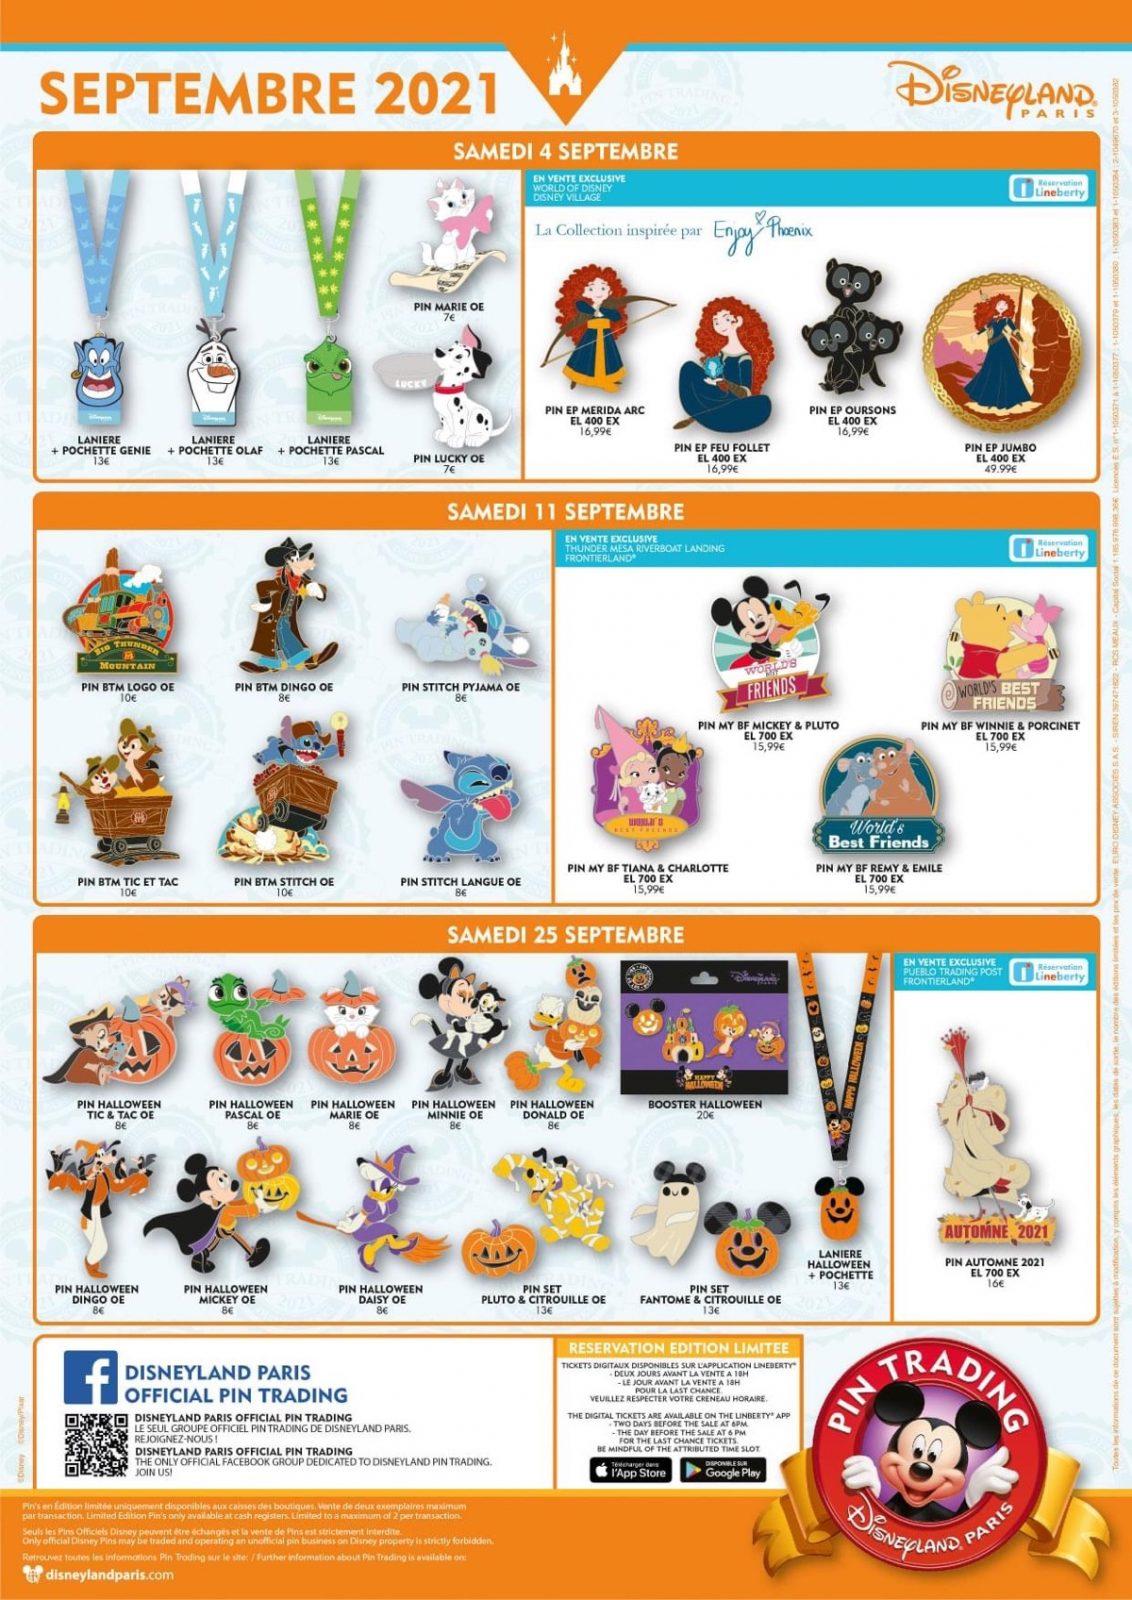 Disneyland Paris September 2021 Pin Releases